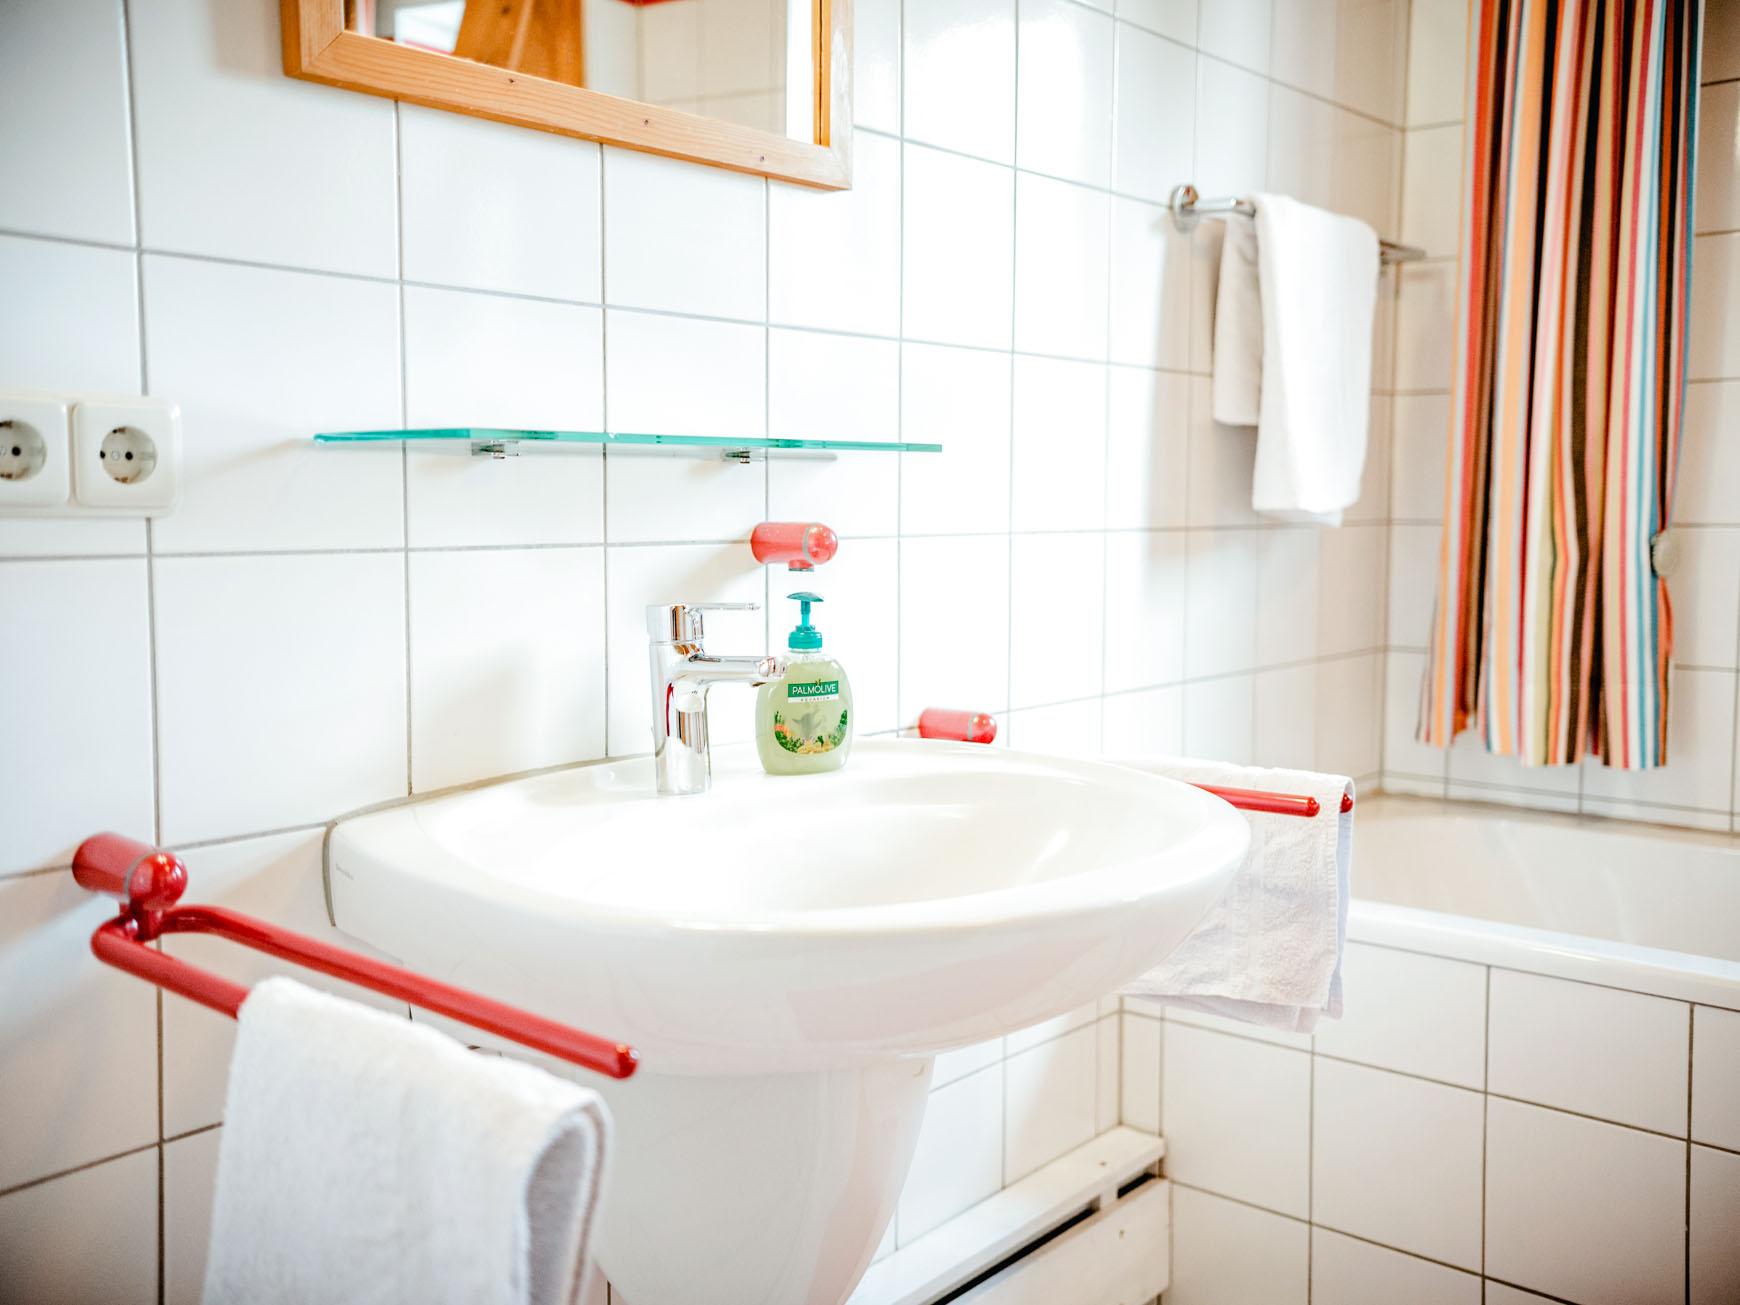 Waschbecken im Gemeinschaftsbad